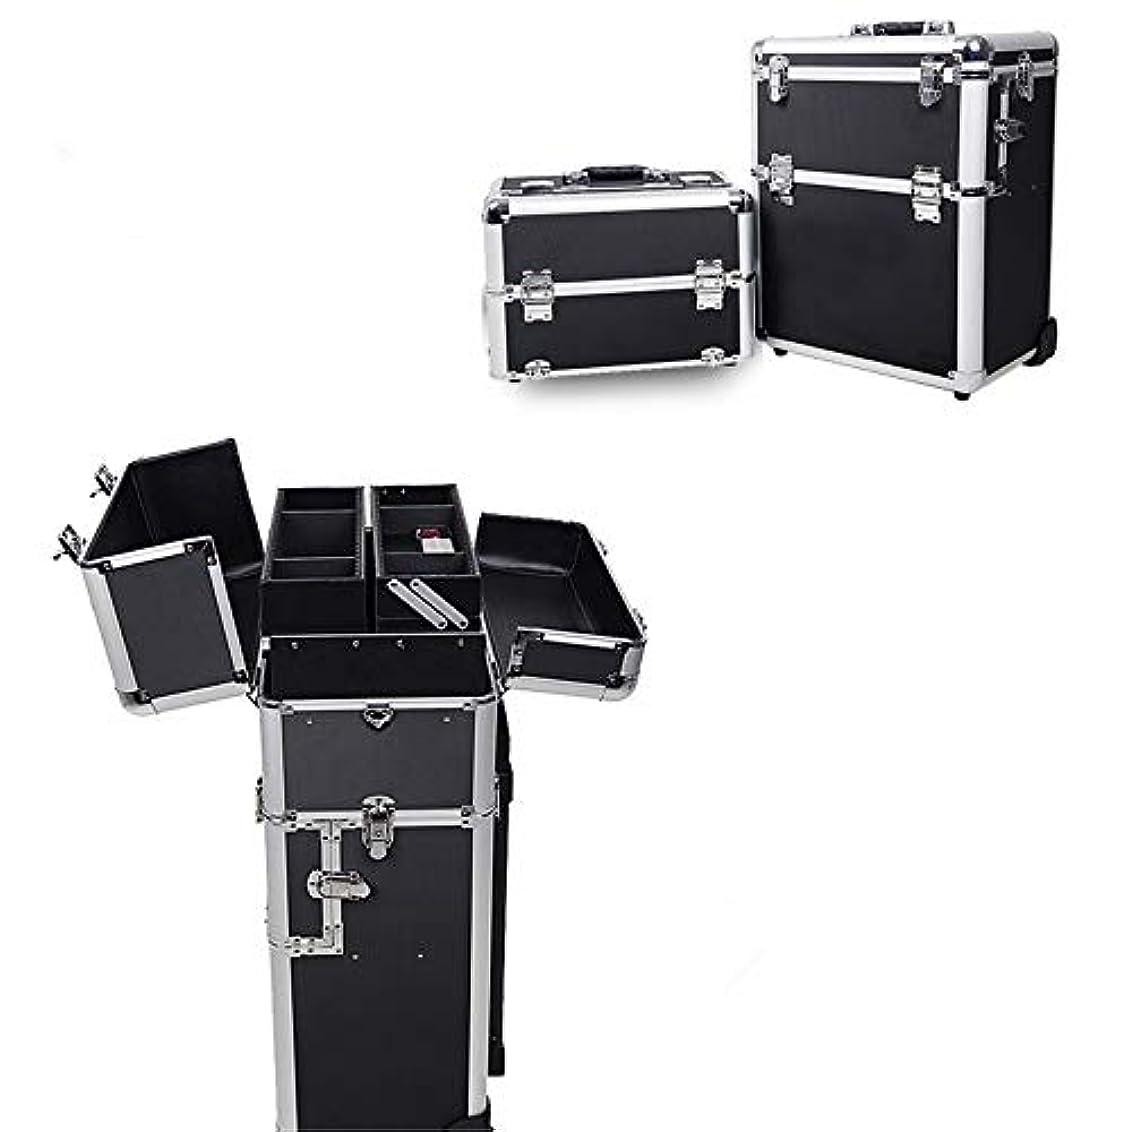 変形鮮やかな思春期化粧オーガナイザーバッグ 旅行メイクバッグ3層スーツケースメイク化粧品バッグポータブルトイレタージュ化粧ケース 化粧品ケース